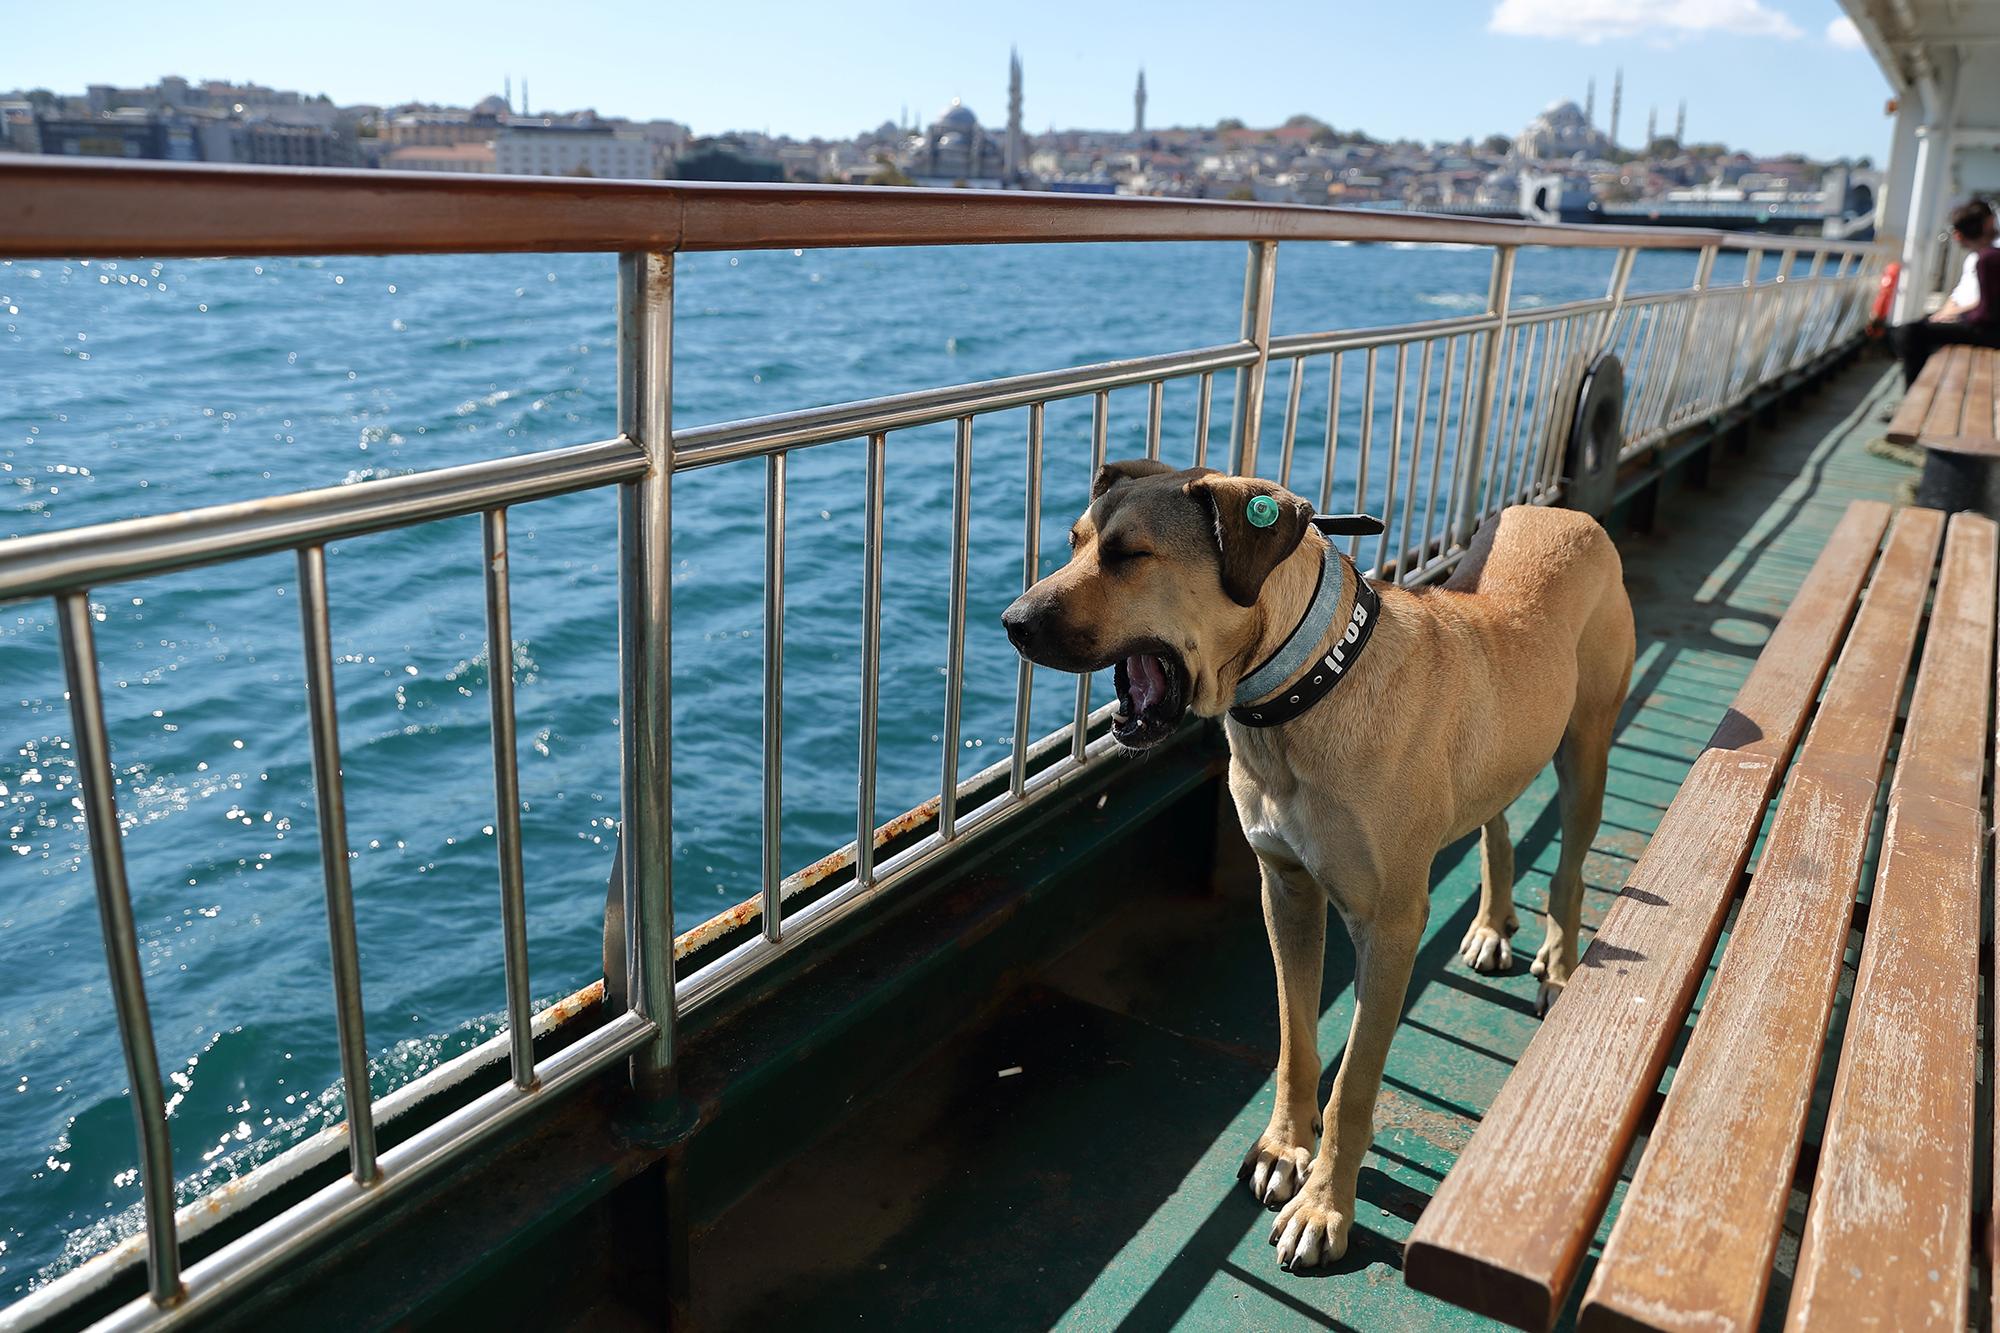 Chú chó đường phố Thổ Nhĩ Kỳ trở thành siêu sao toàn cầu, 70.000 người theo dõi